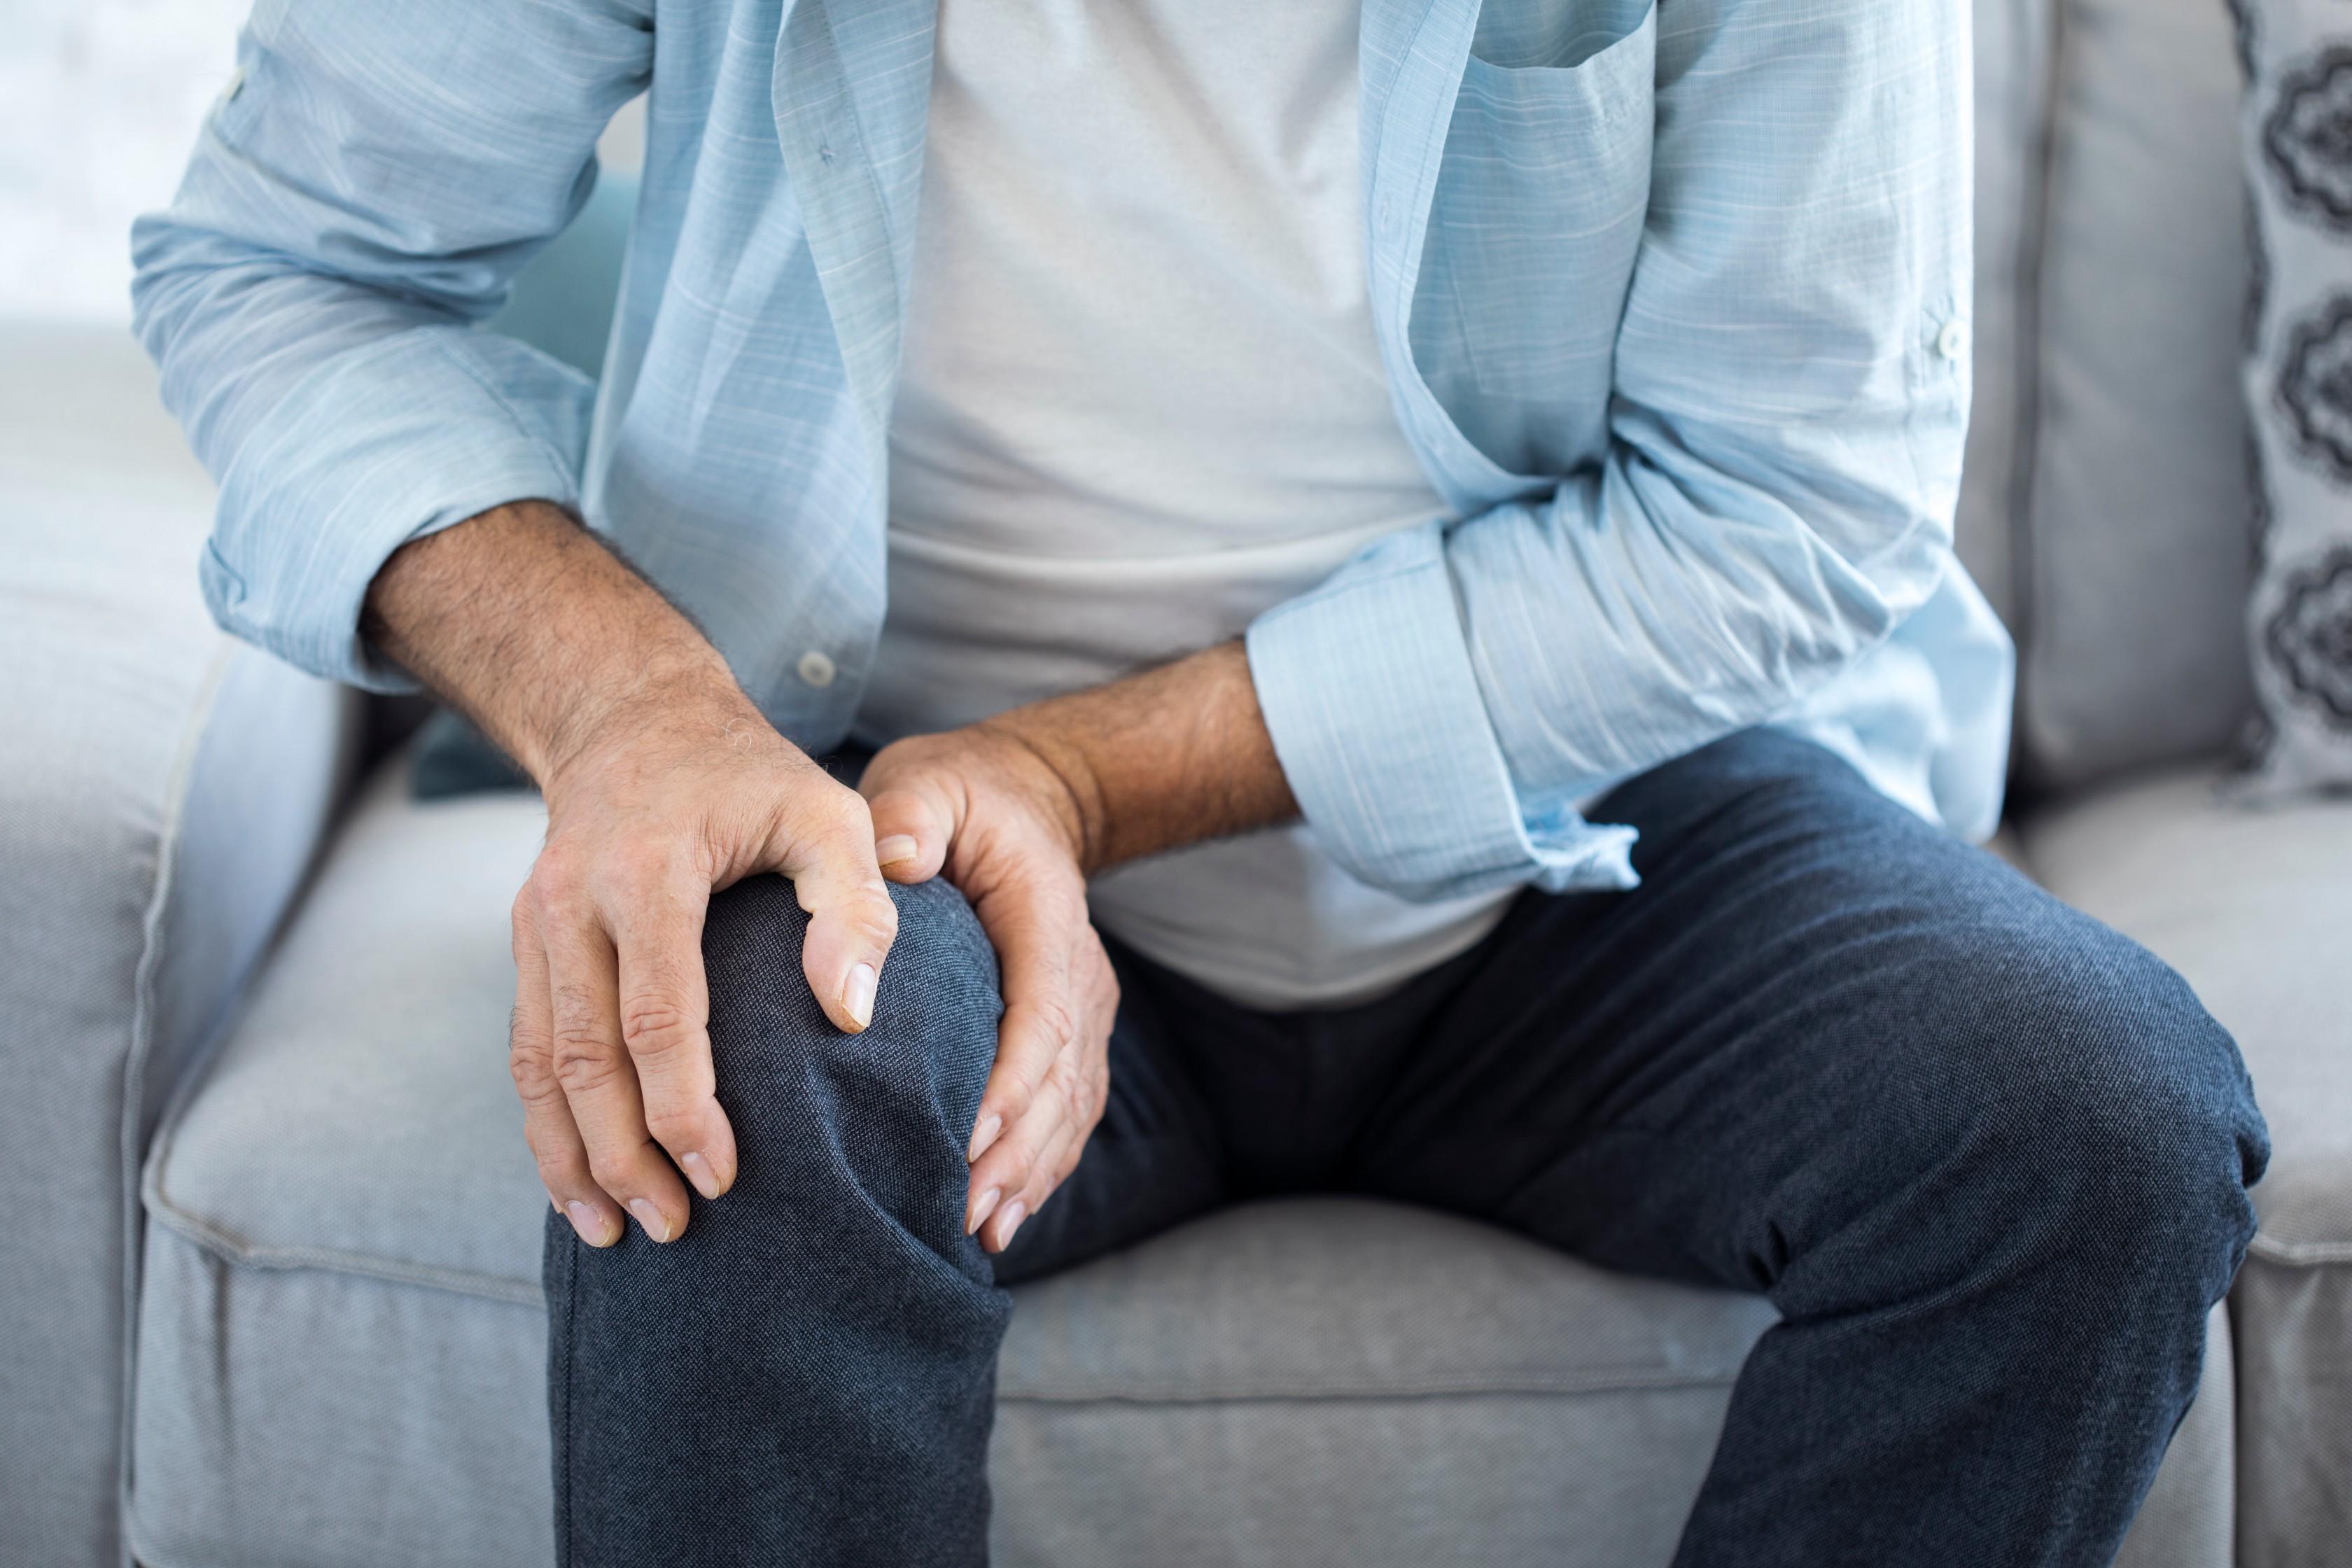 medence ízületi betegségek kezelésére ízületi gyulladás ízületi gyulladások ár